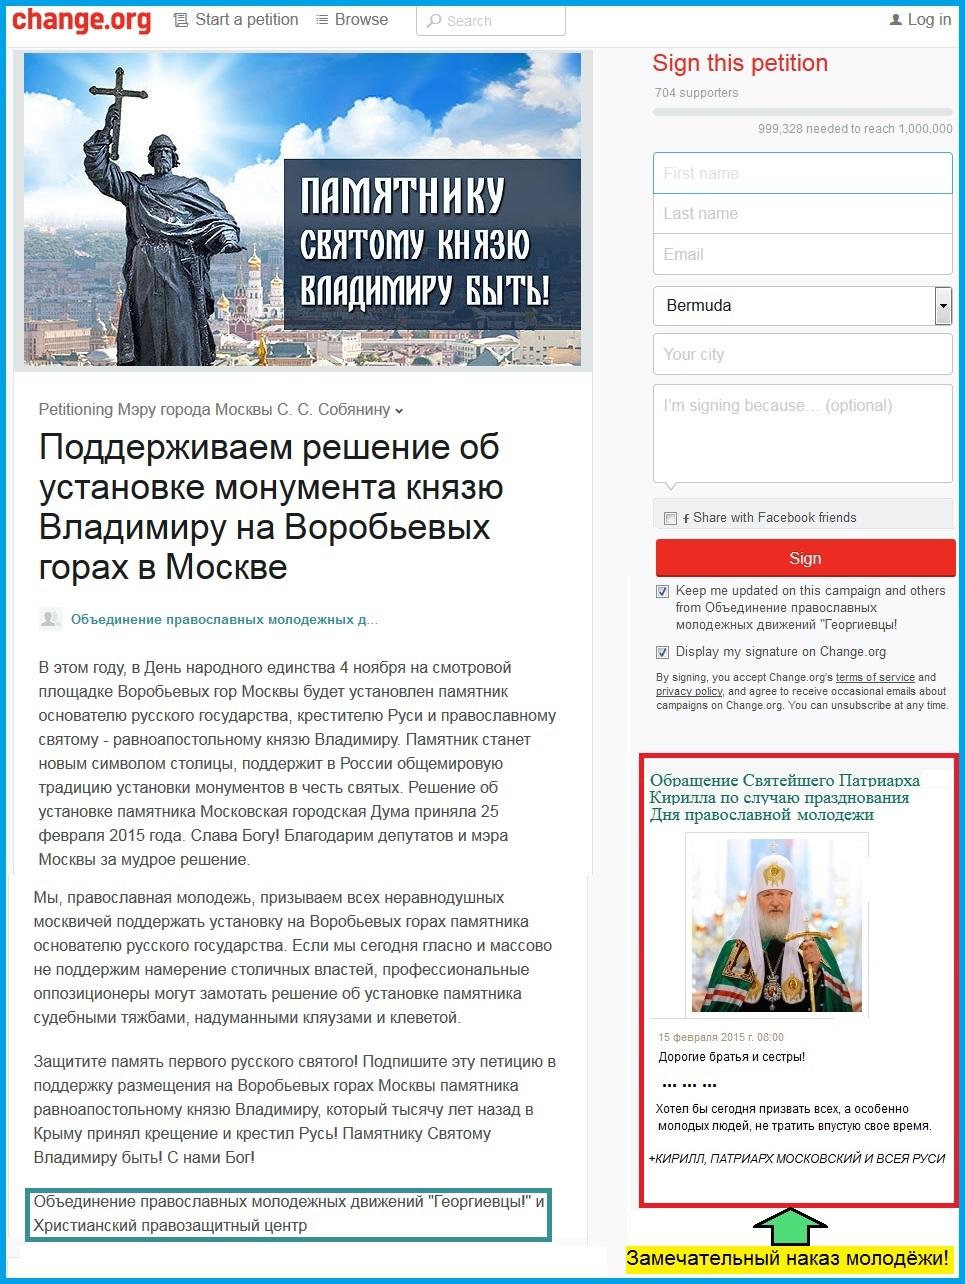 Православная молодёжь и памятник Св. Князю Владимиру